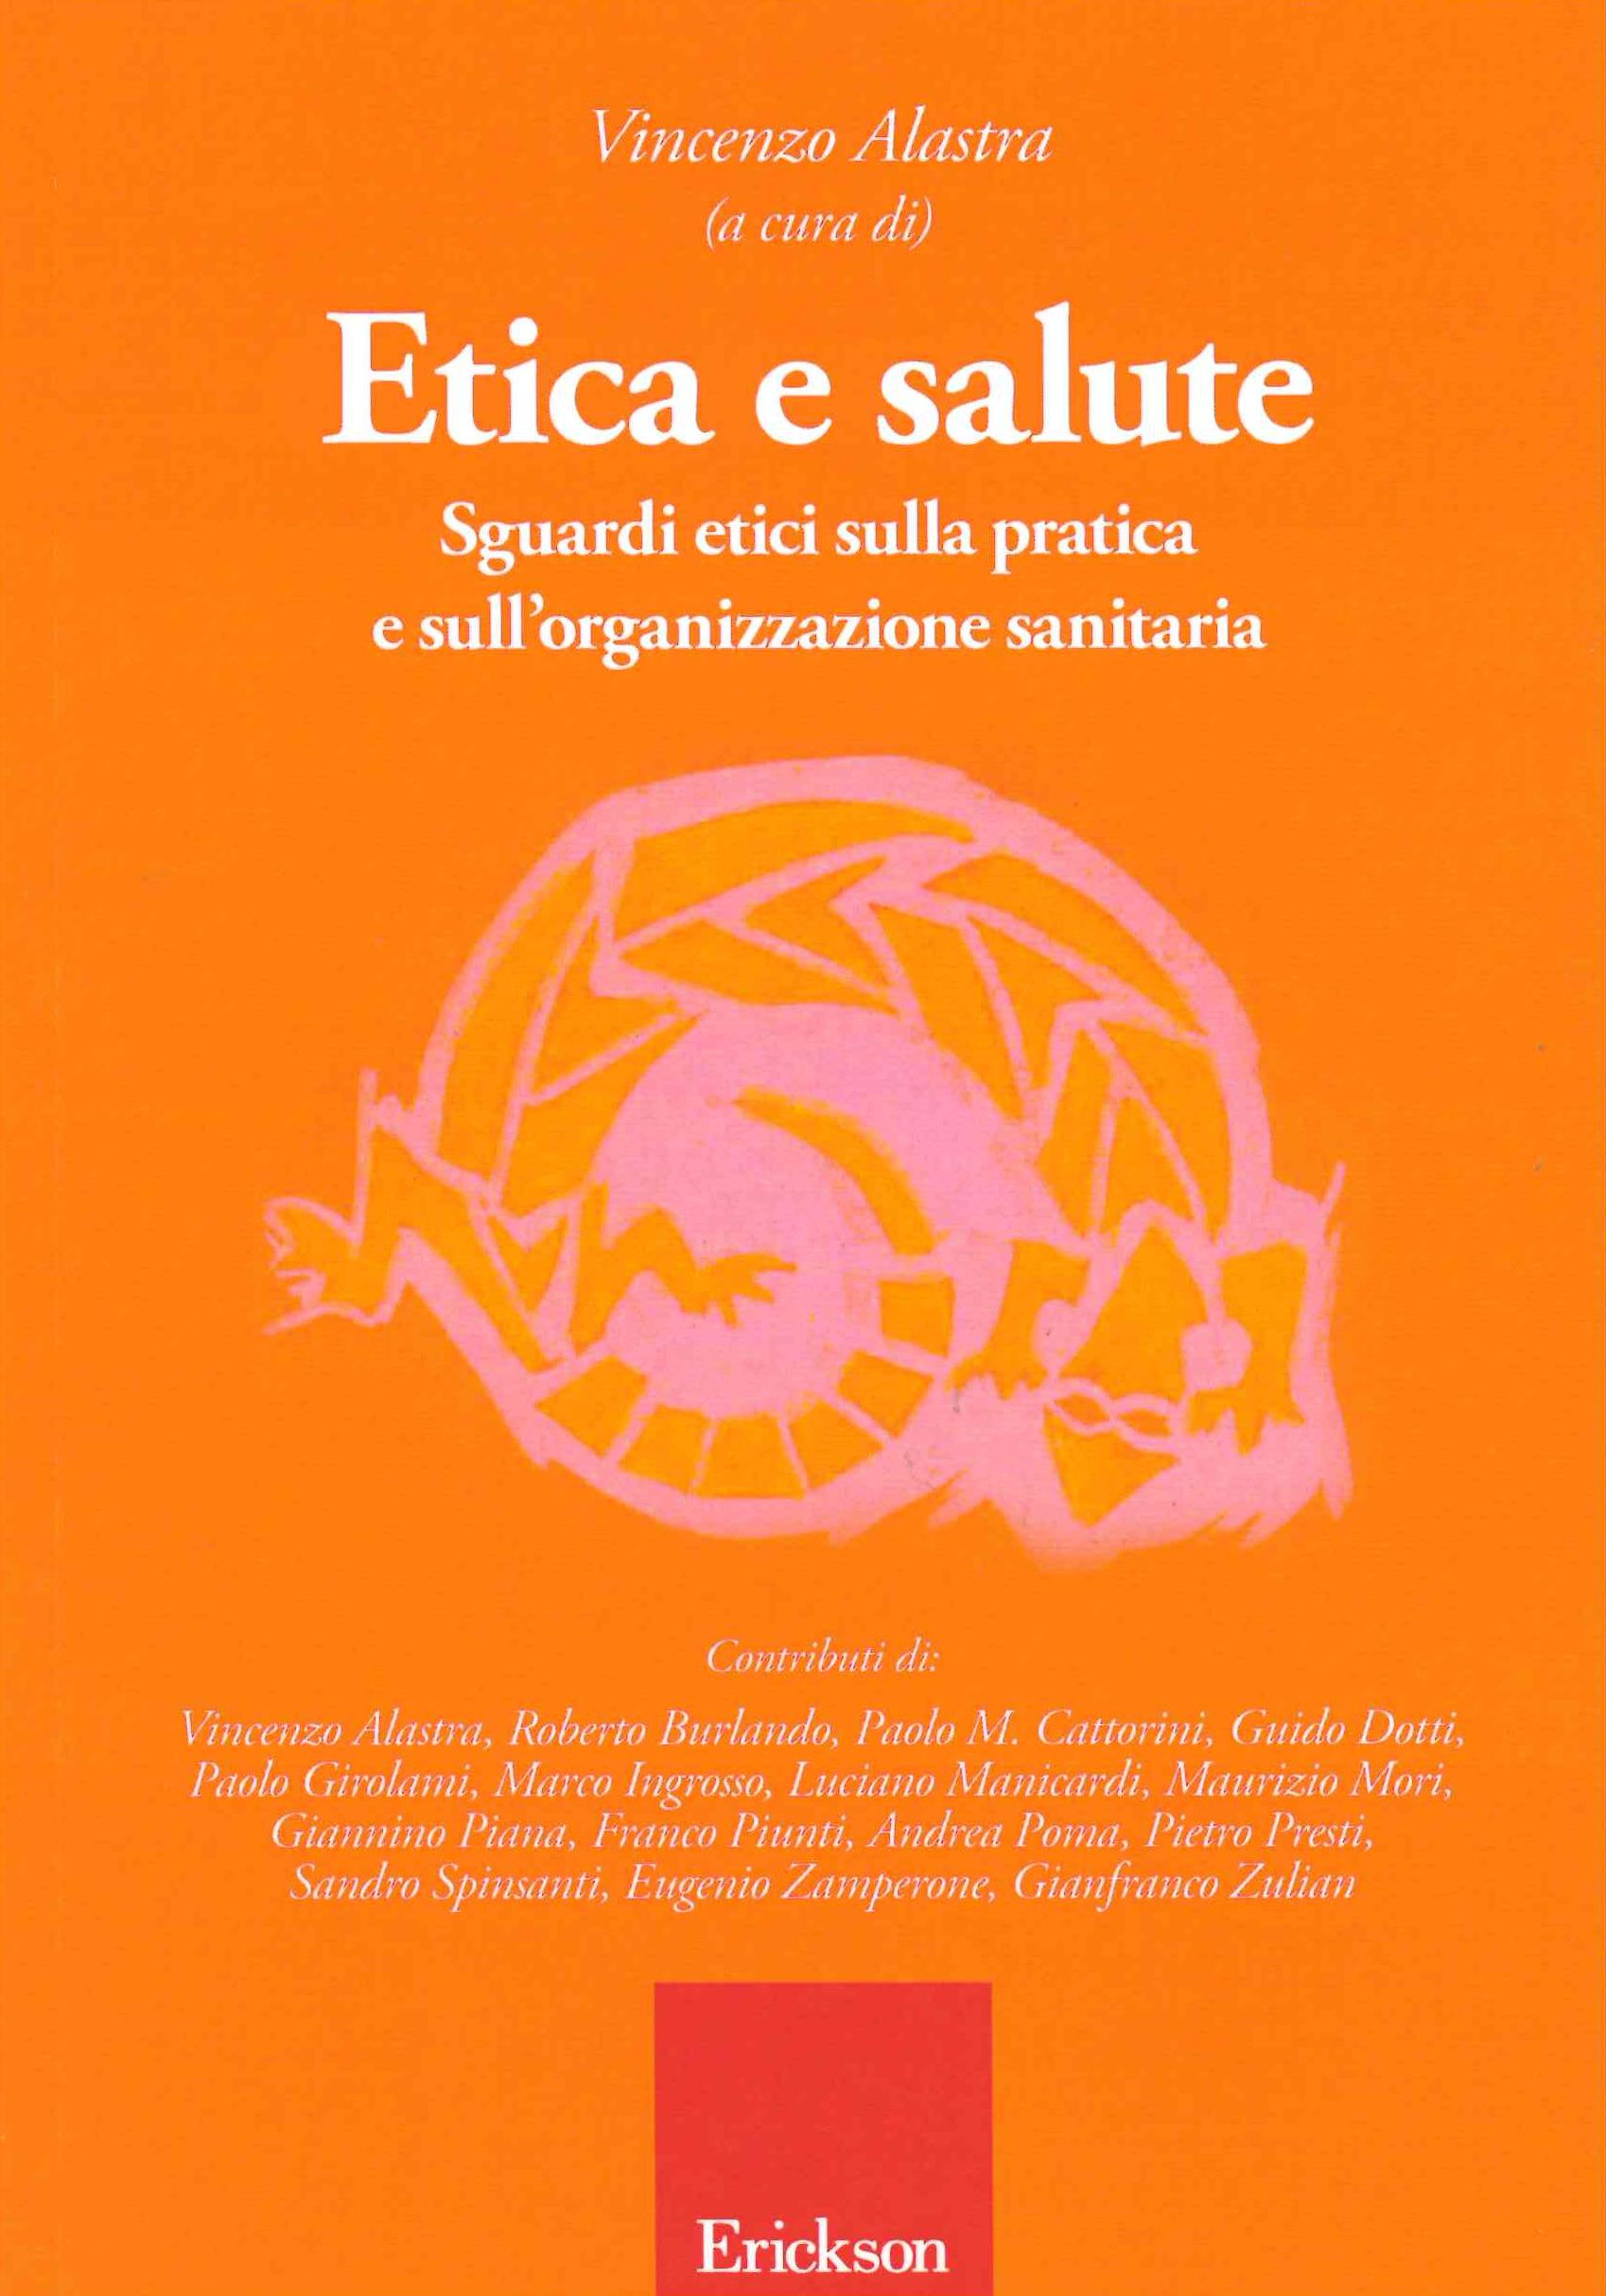 Etica e salute. Sguardi etici sulla pratica e sull'organizzazione sanitaria a cura di Vincenzo Alastra